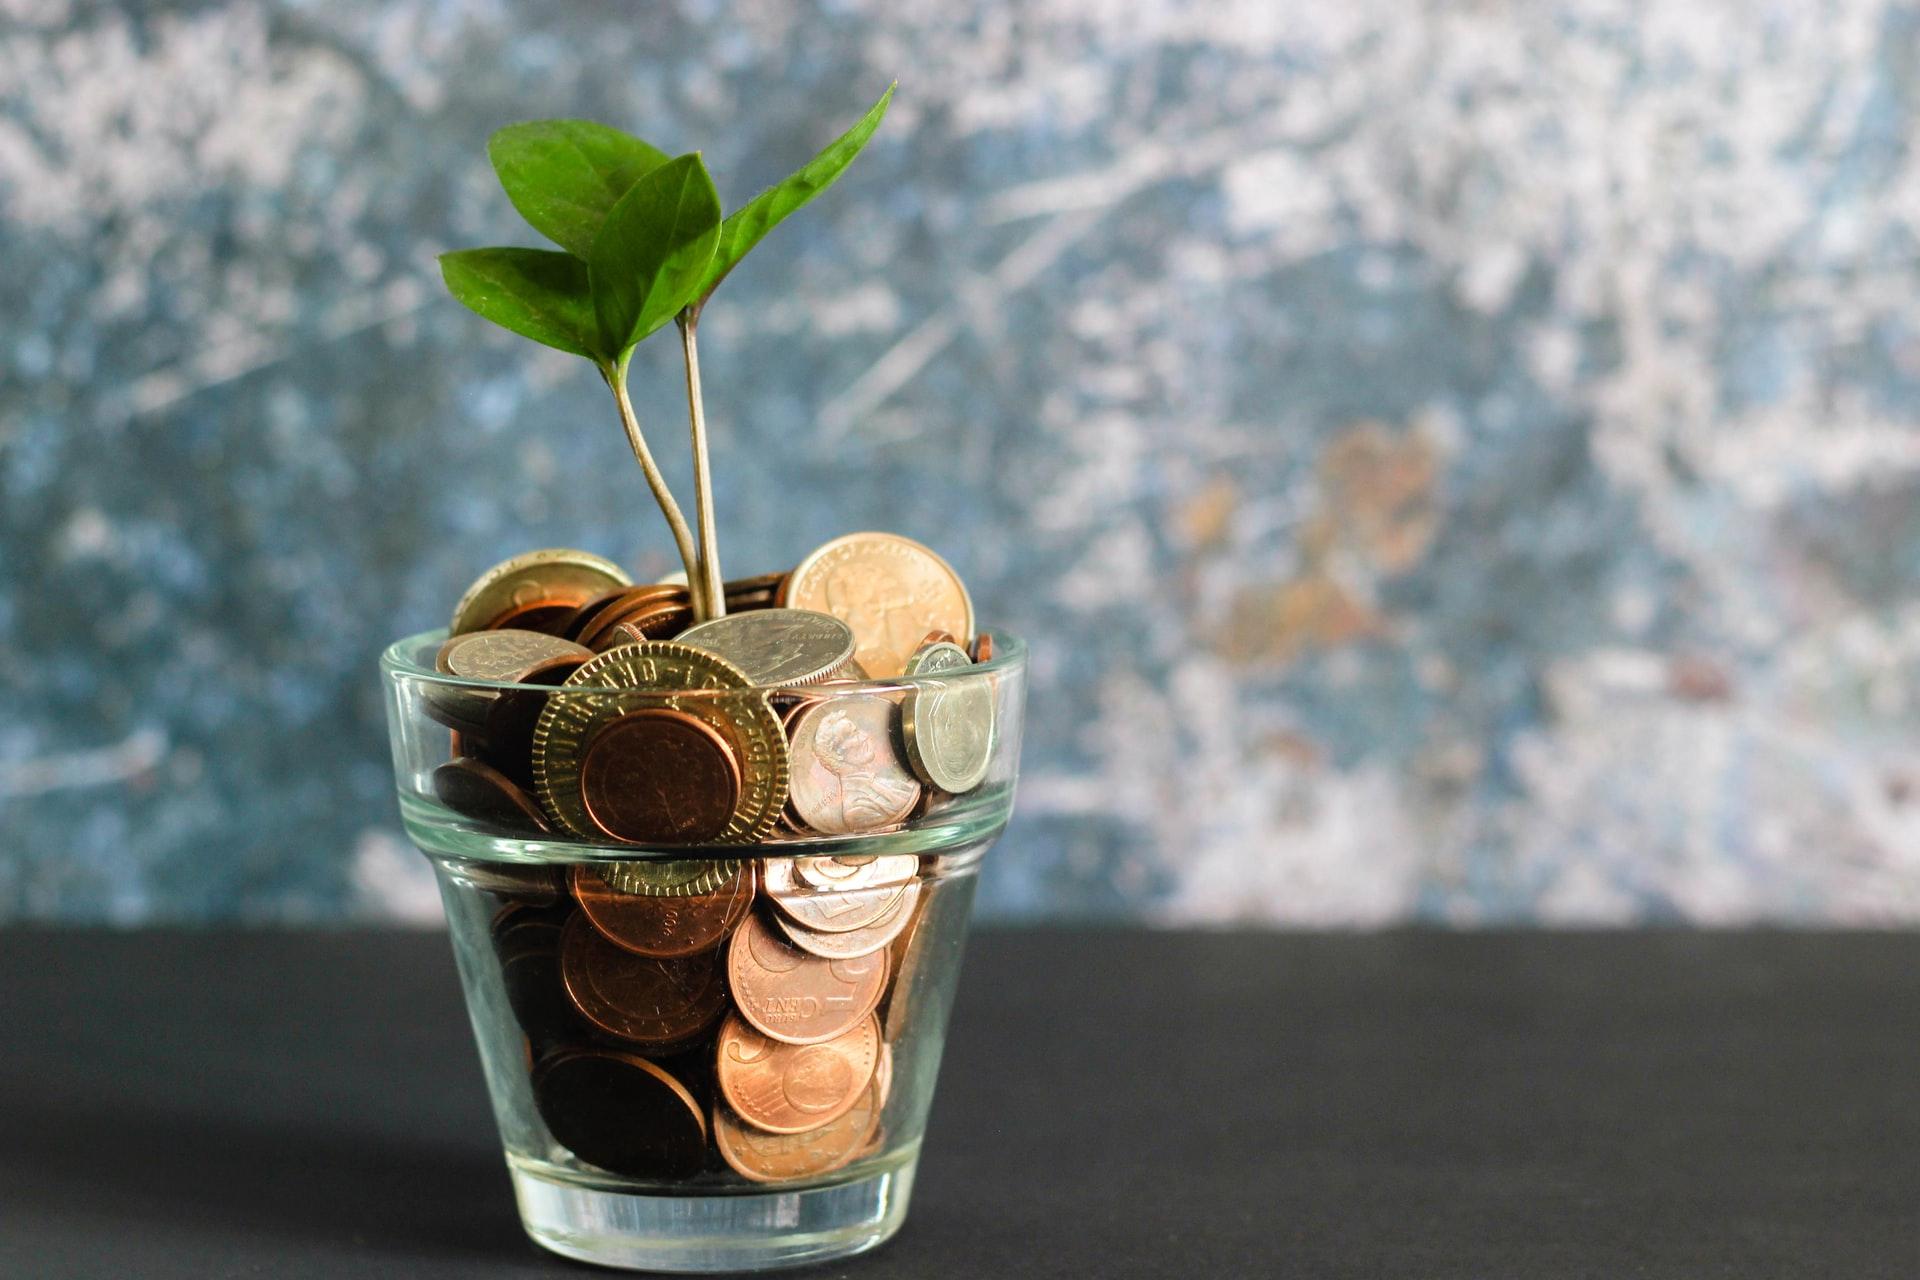 Kredietunie-lenen-voor-een-woning-hou-rekening-met-3-veranderingen-beschrijving foto